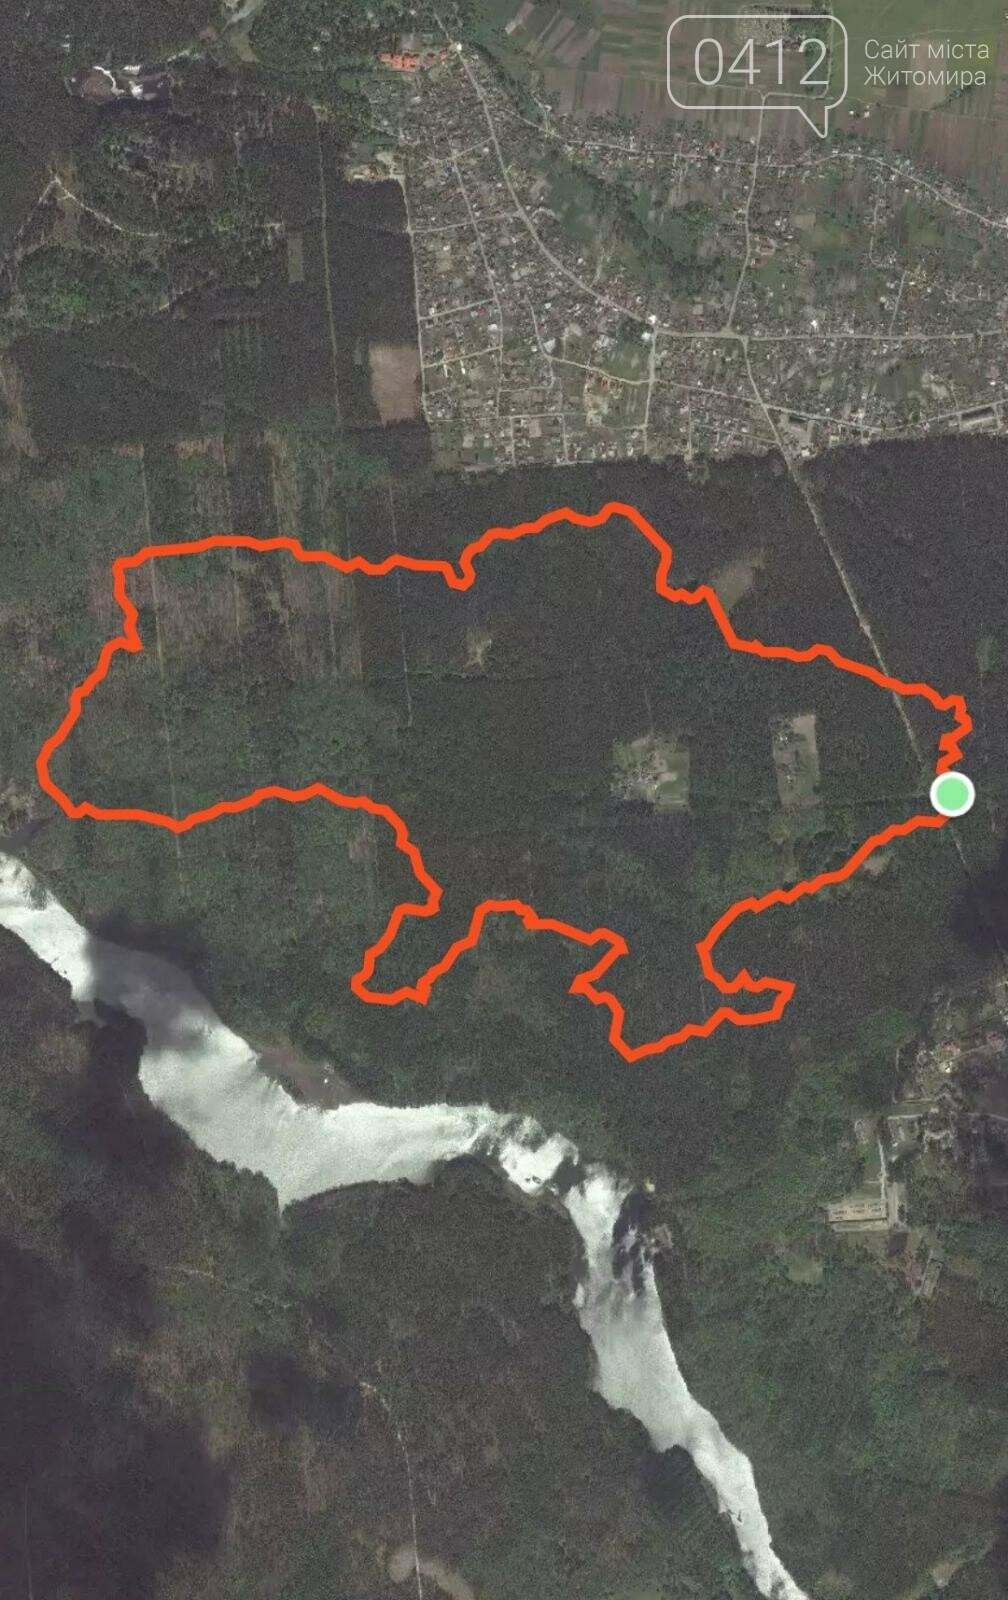 Житомирські спортсмени пробігли маршрутом, що нагадує контур України, фото-1